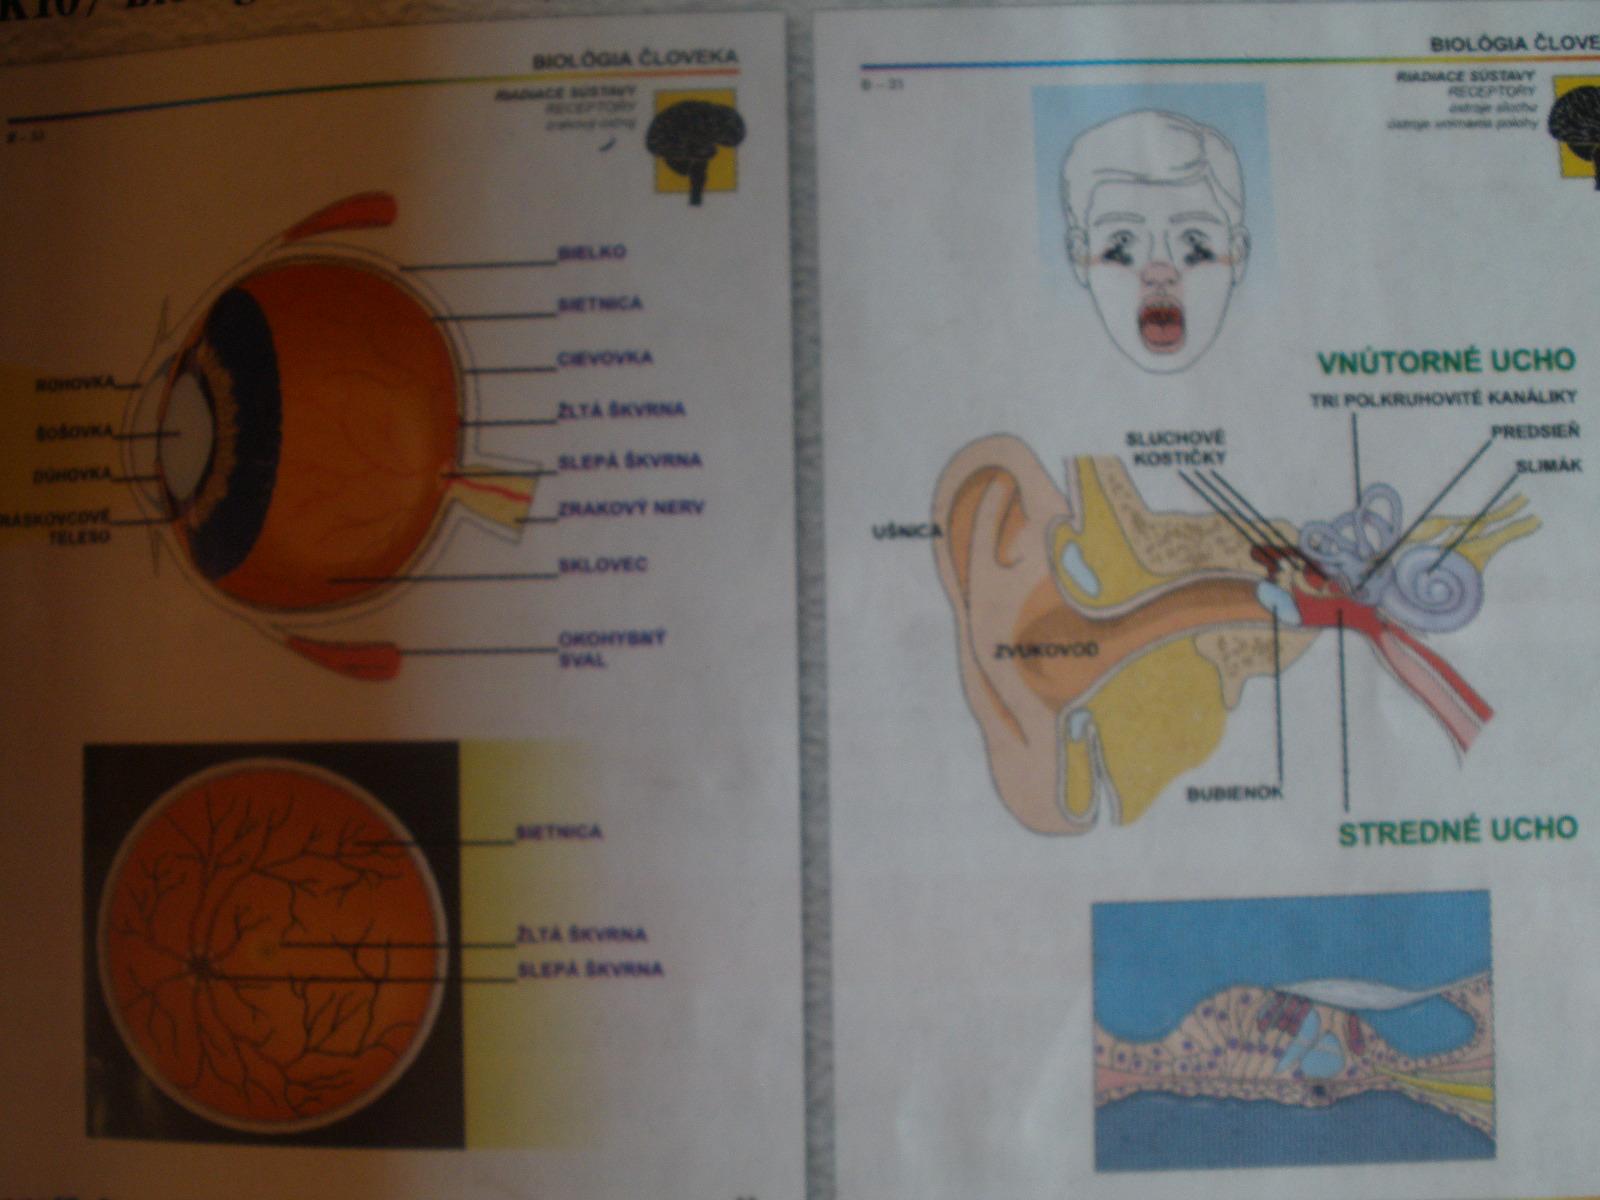 Biológia človeka II. pre ZŠ, SŠ = 26 ks fólií